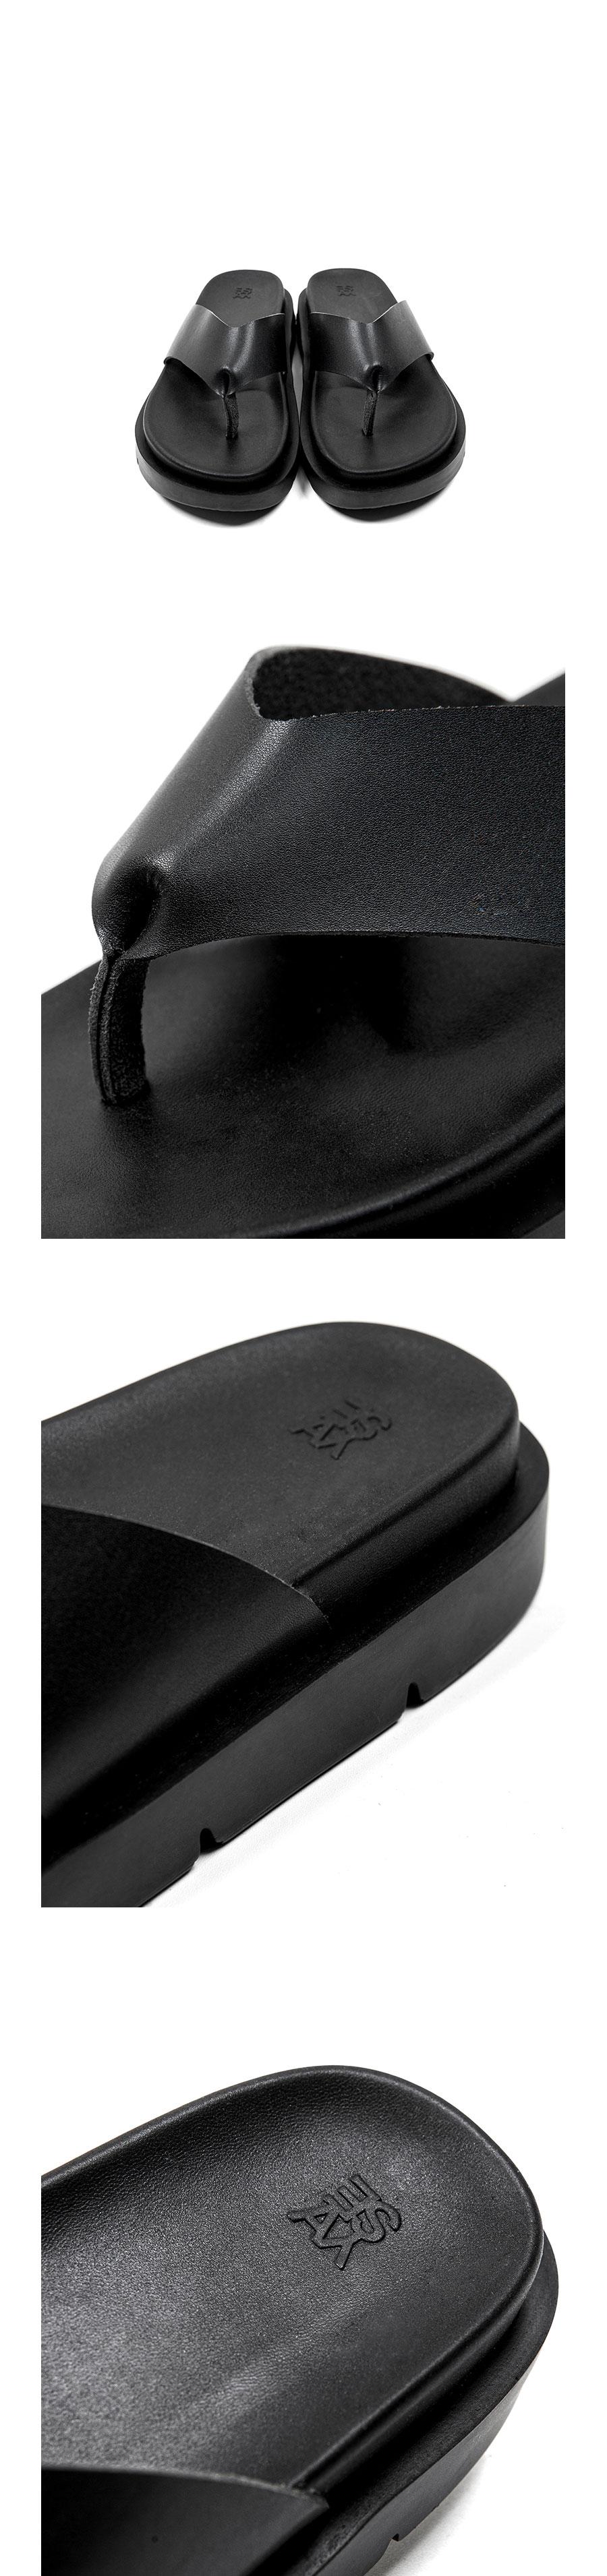 야세(YASE) 선셋 슬라이드 레더 블랙 553